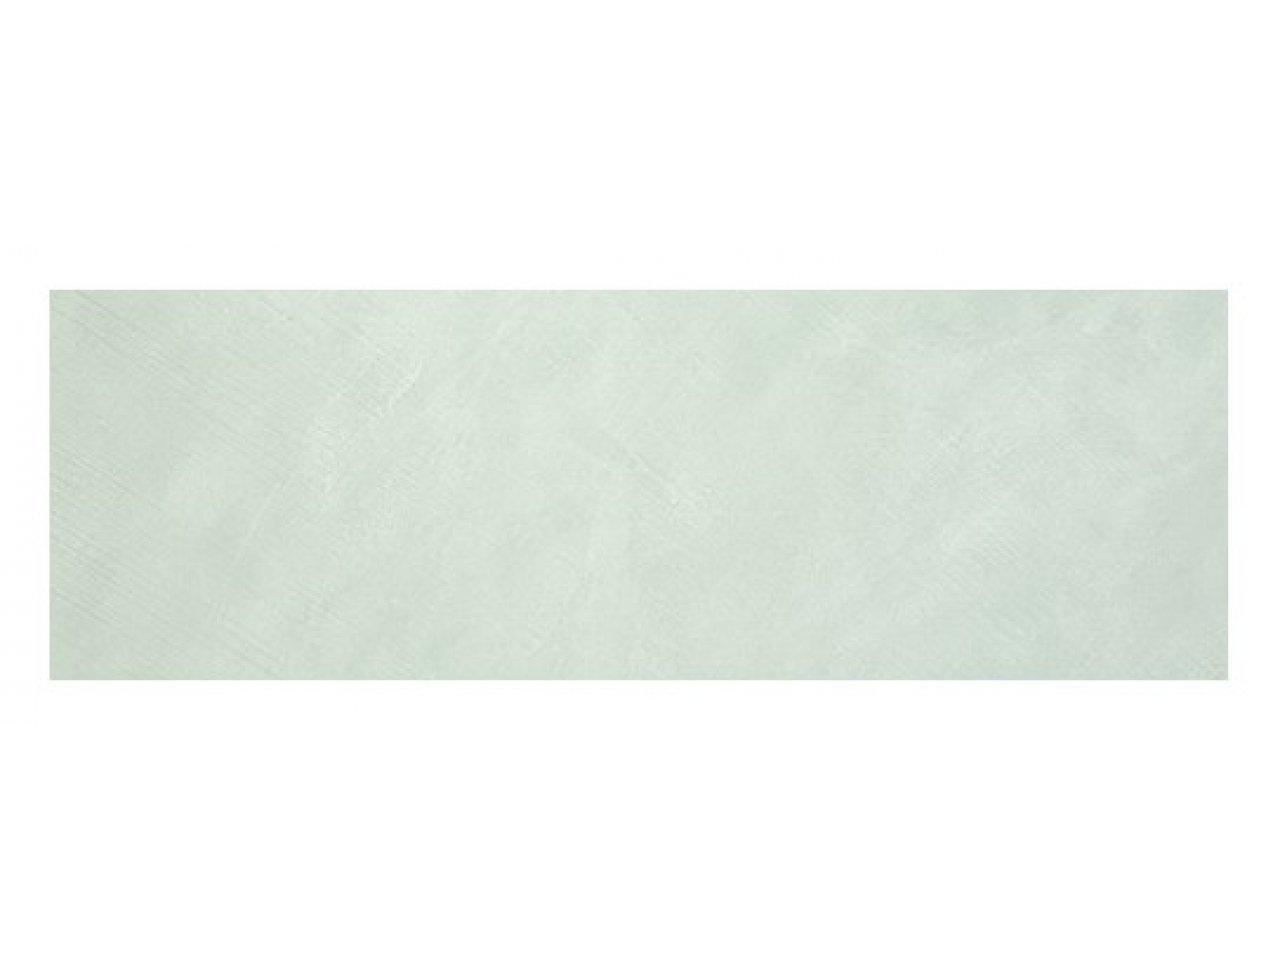 Настенная плитка FAP Color Now Perla 30.5x91.5 см, Арт. fMRU